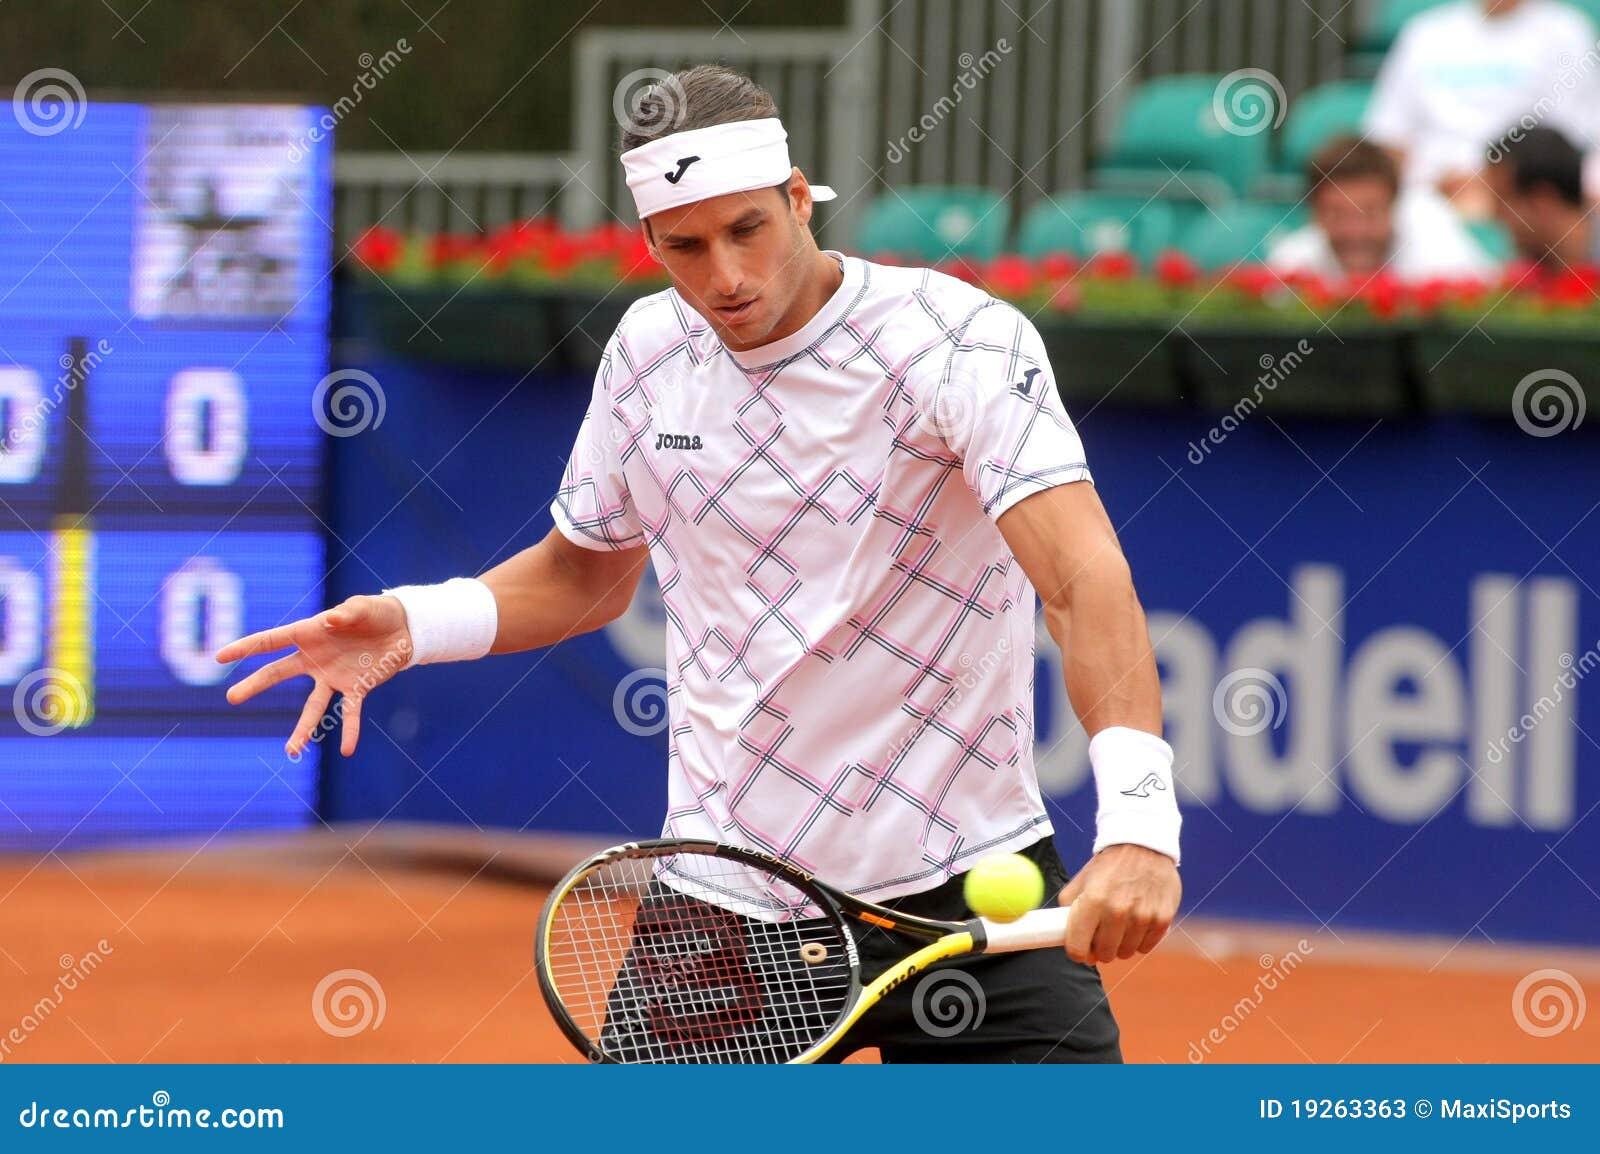 Joueur de tennis espagnol feliciano lopez photo stock ditorial image 1926 - Joueur de tennis espagnol ...